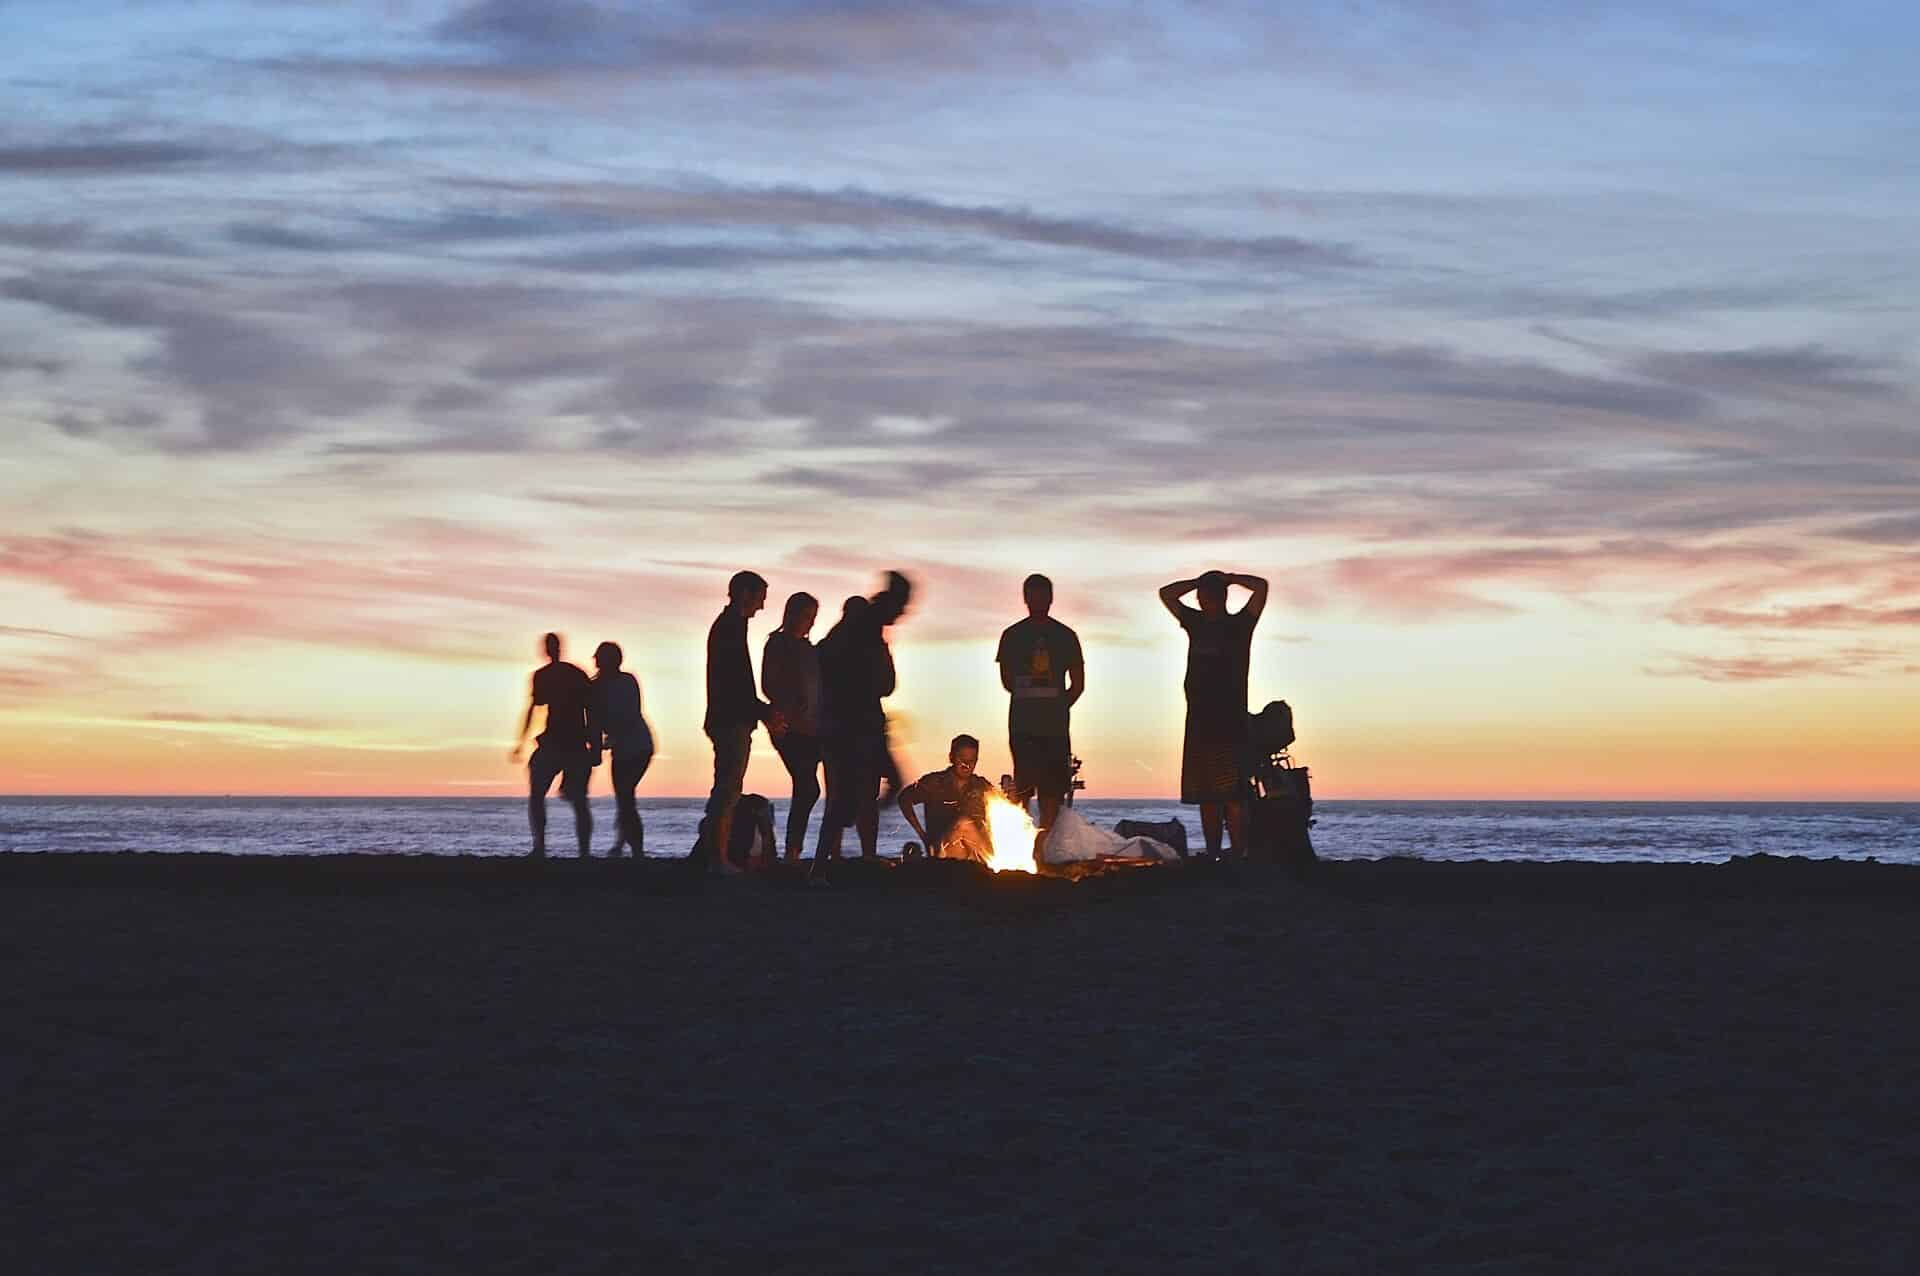 Découvrez la vanlife : des roadtrips en van aménagé Freedom Camper en bord de plage par exemple !